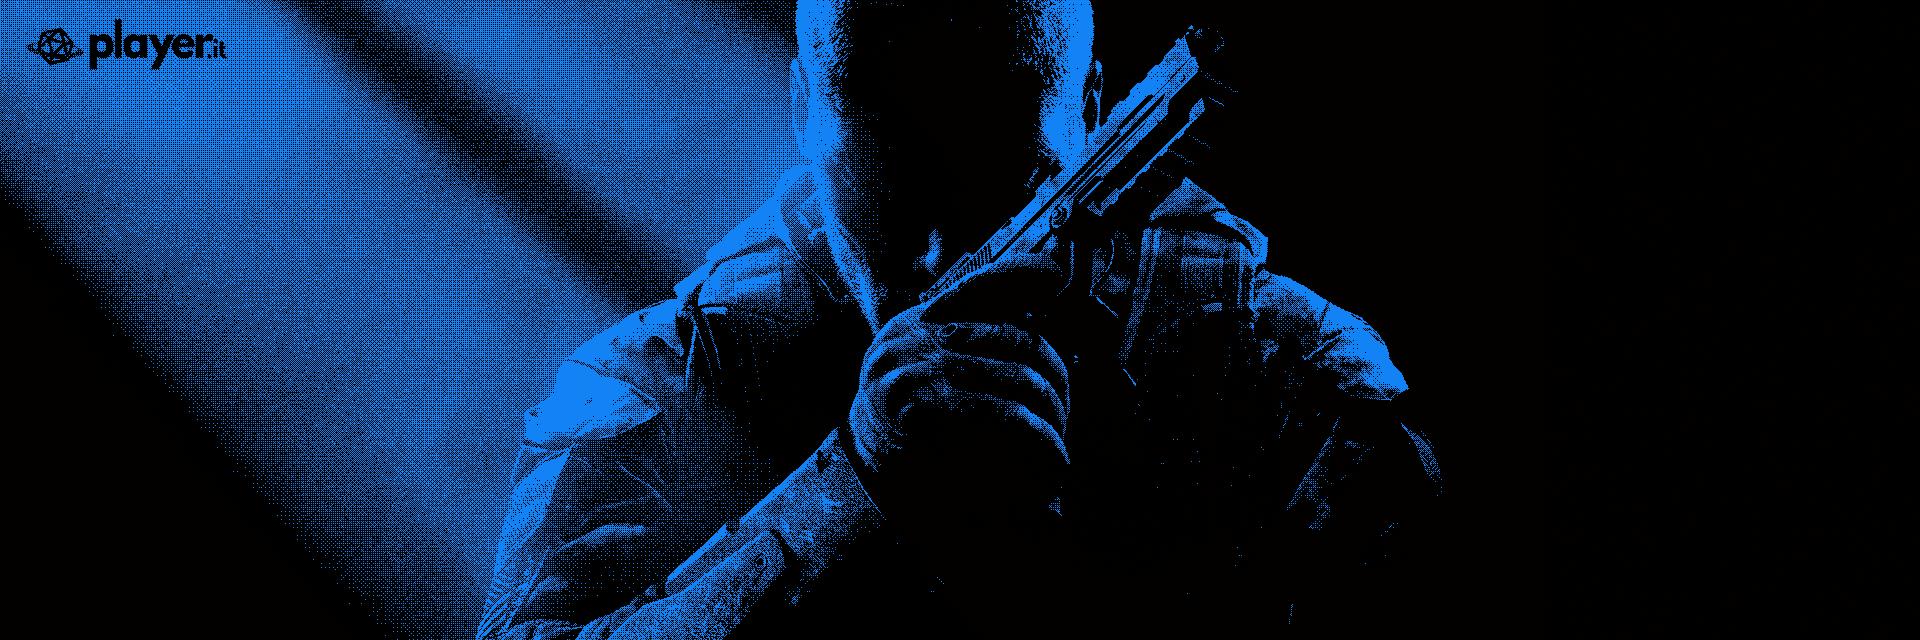 La copertina di Call of Duty: Black Ops II